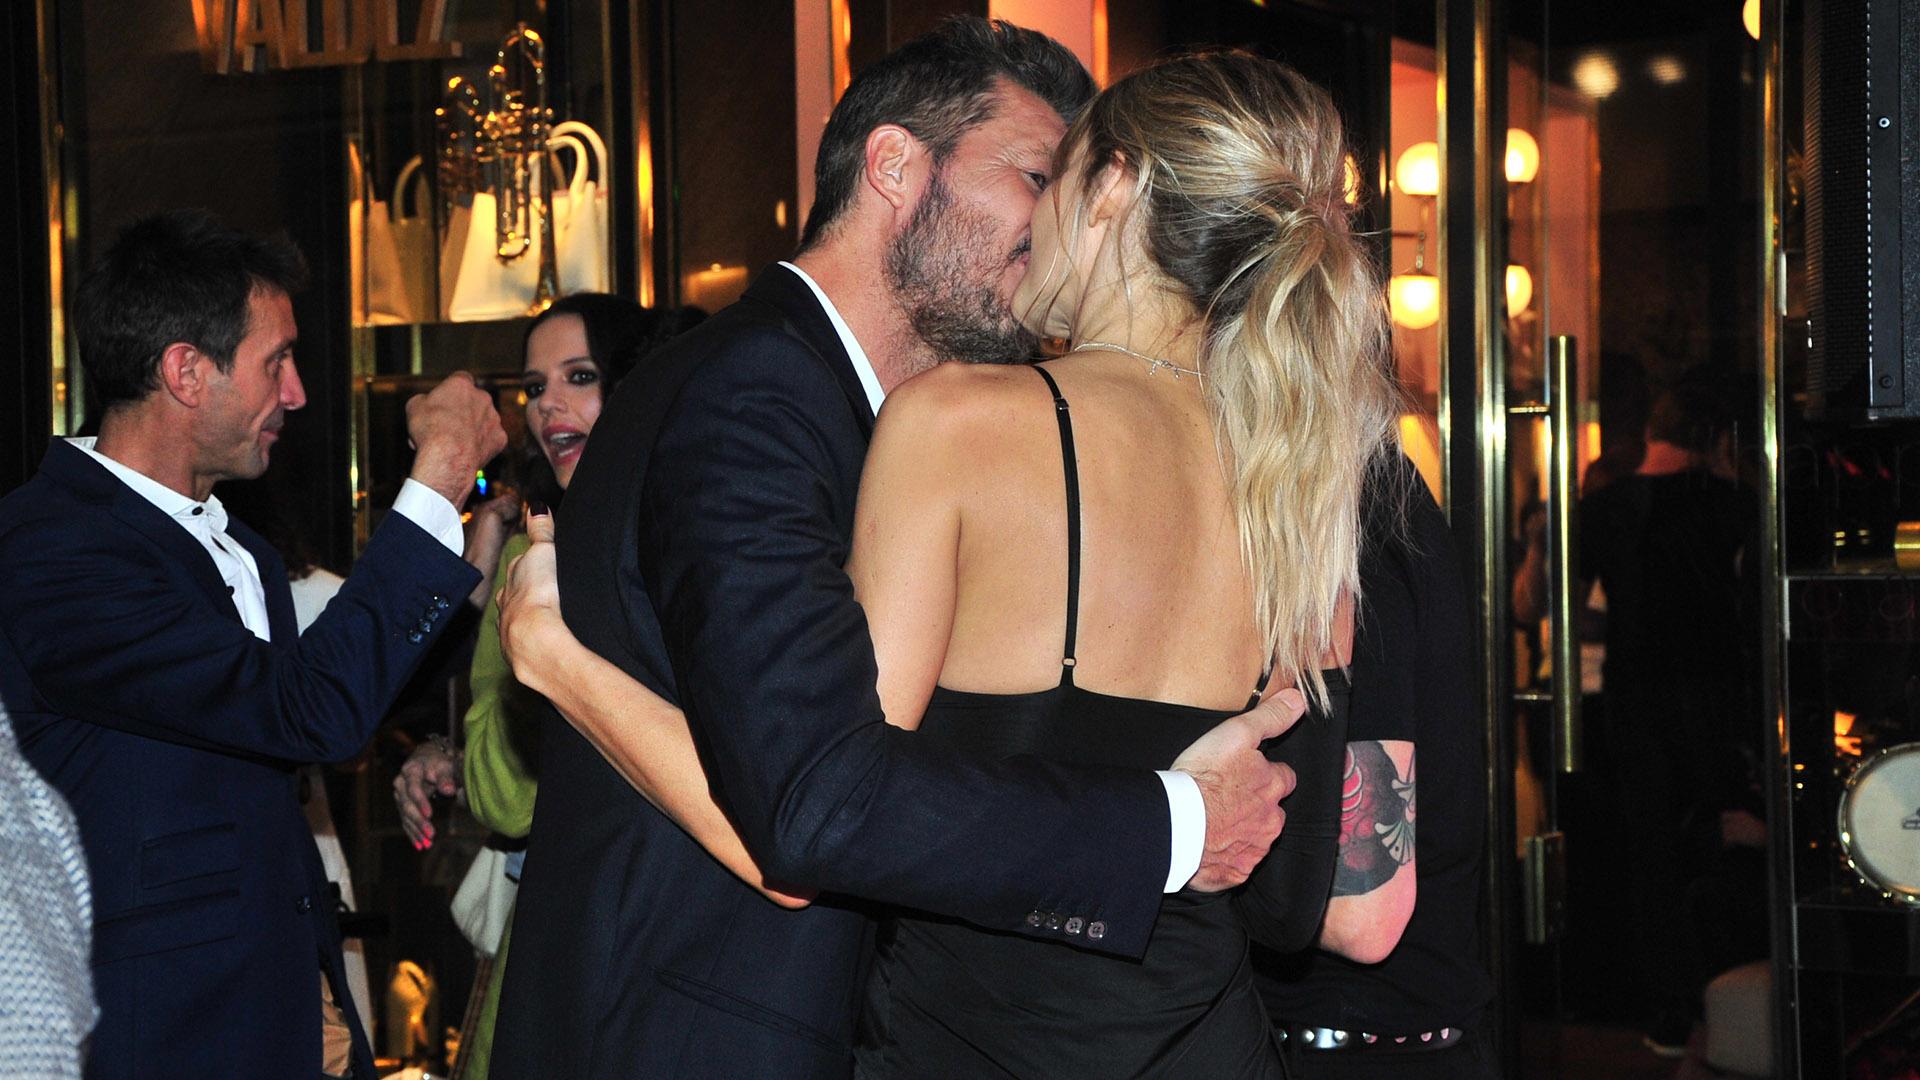 El beso apasionado entre el conductor y su pareja